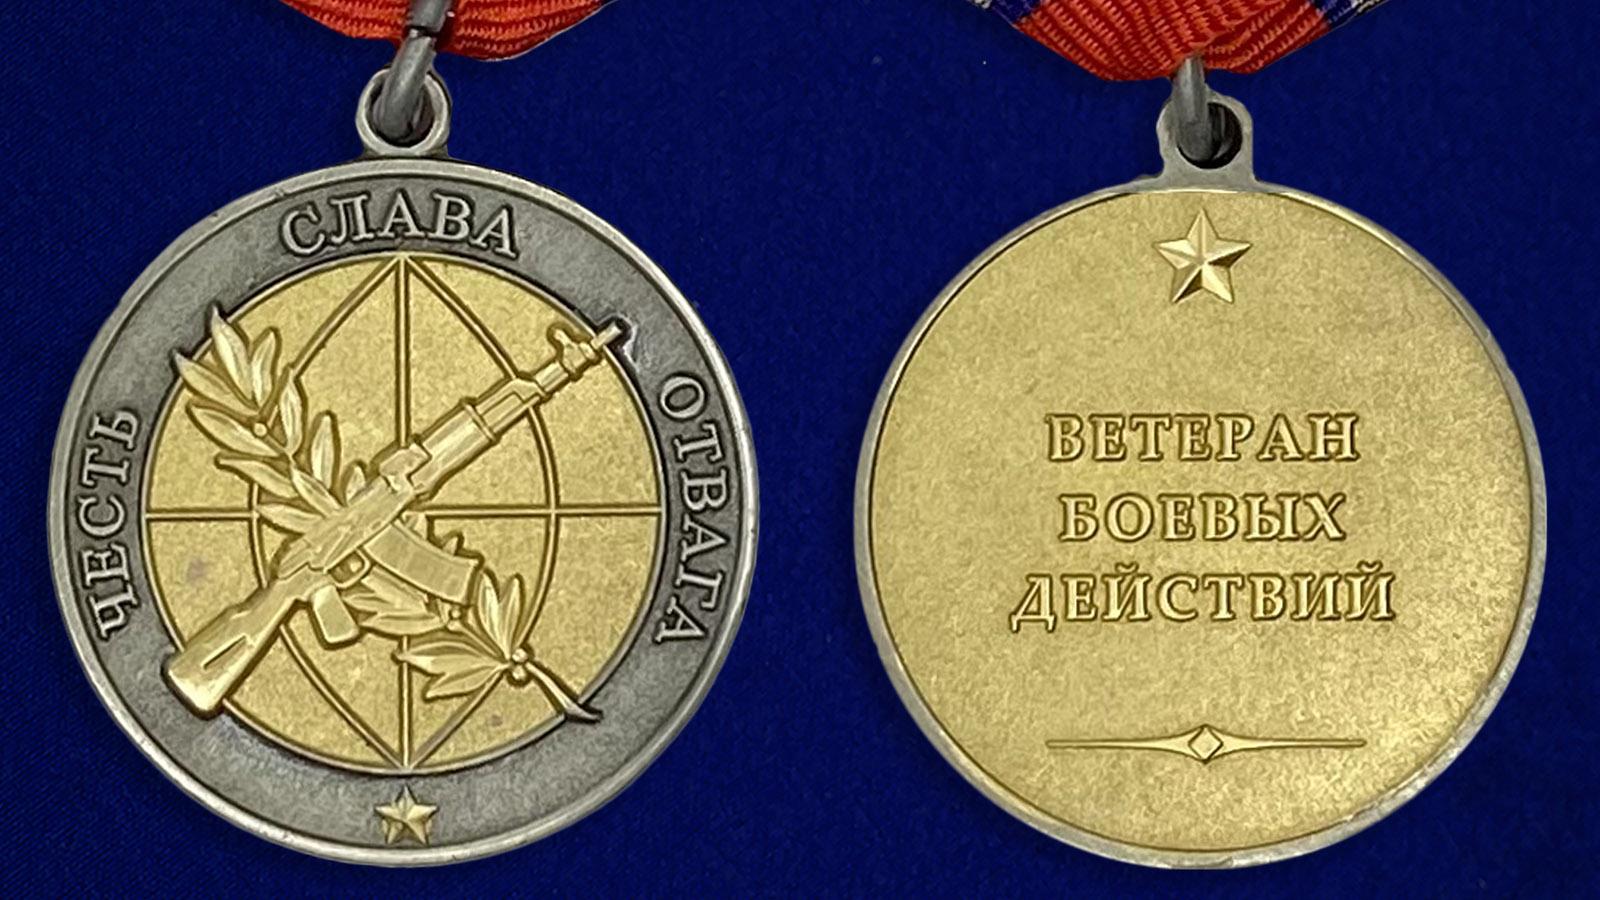 Купить награды афганцам в Брянске